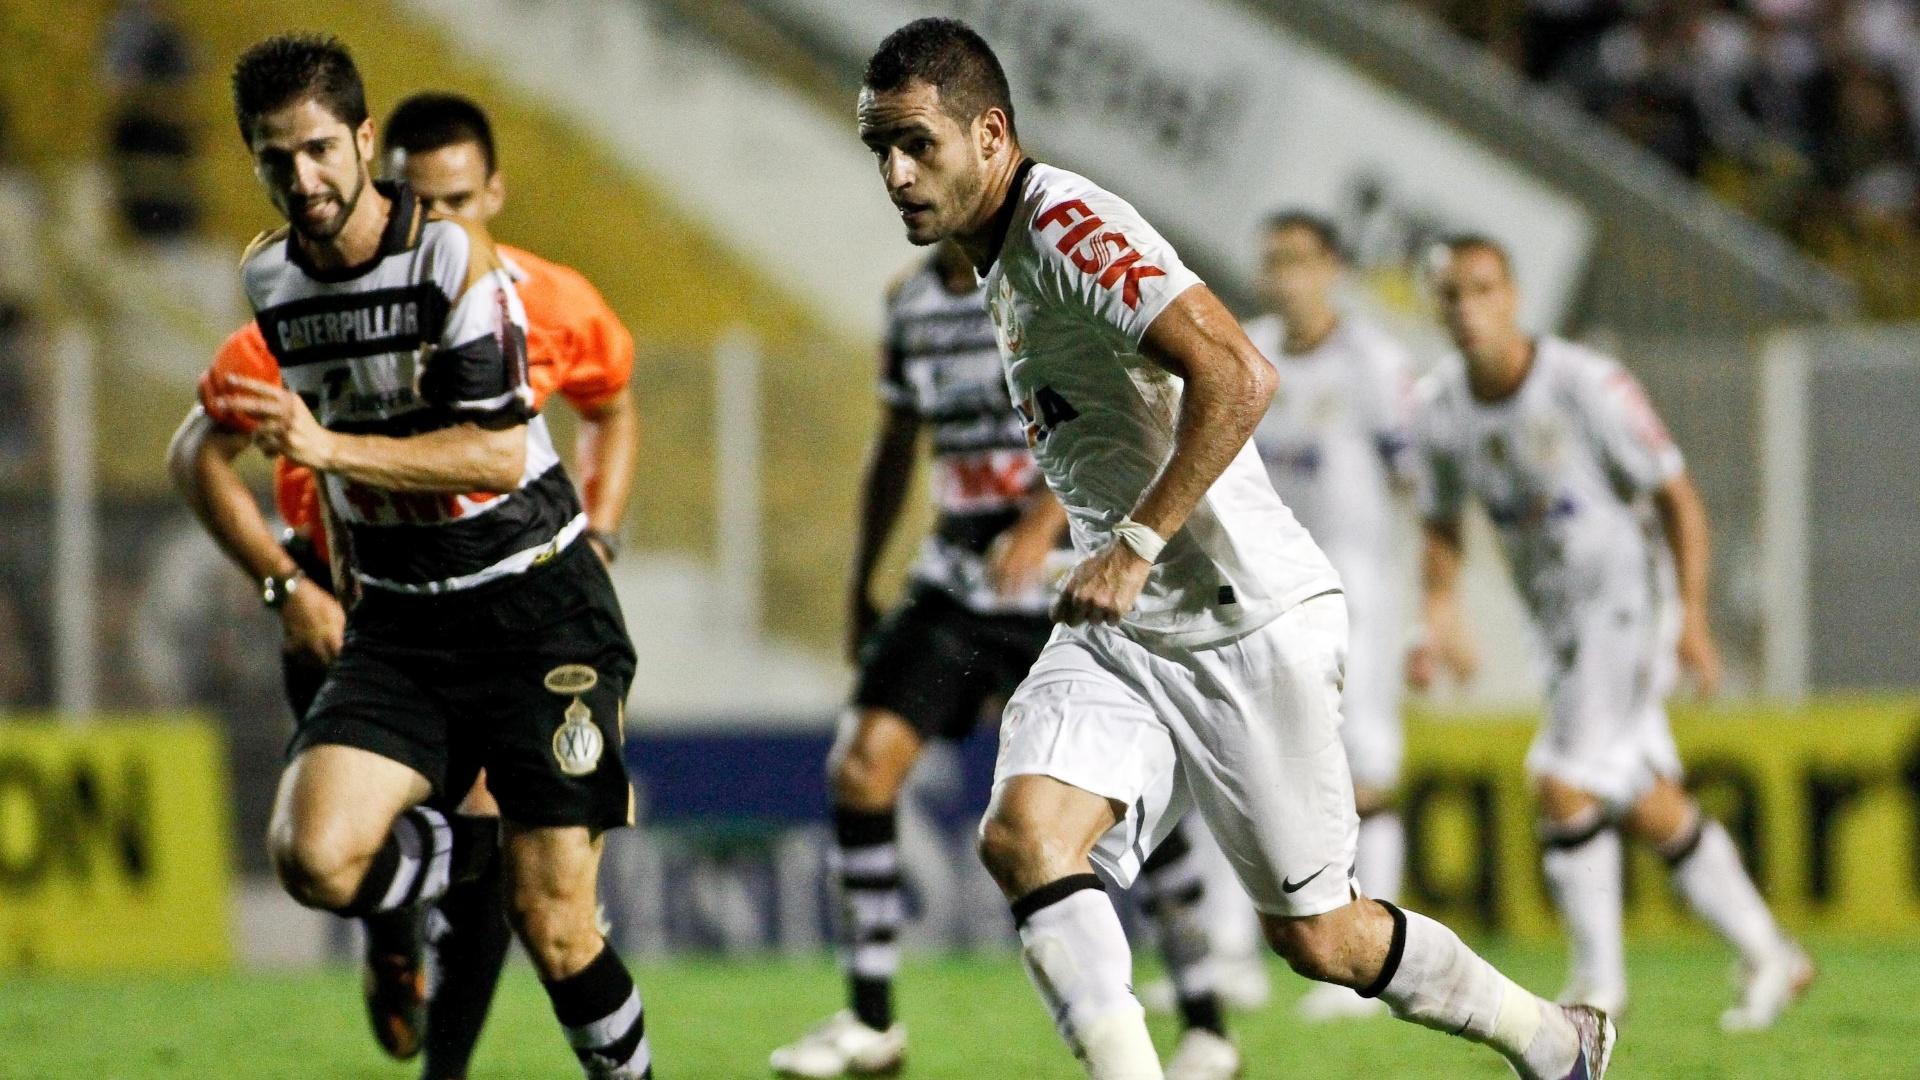 20.mar.2013 - Renato Augusto durante a partida entre Corinthians e XV de Piracicaba pelo Campeonato Paulista